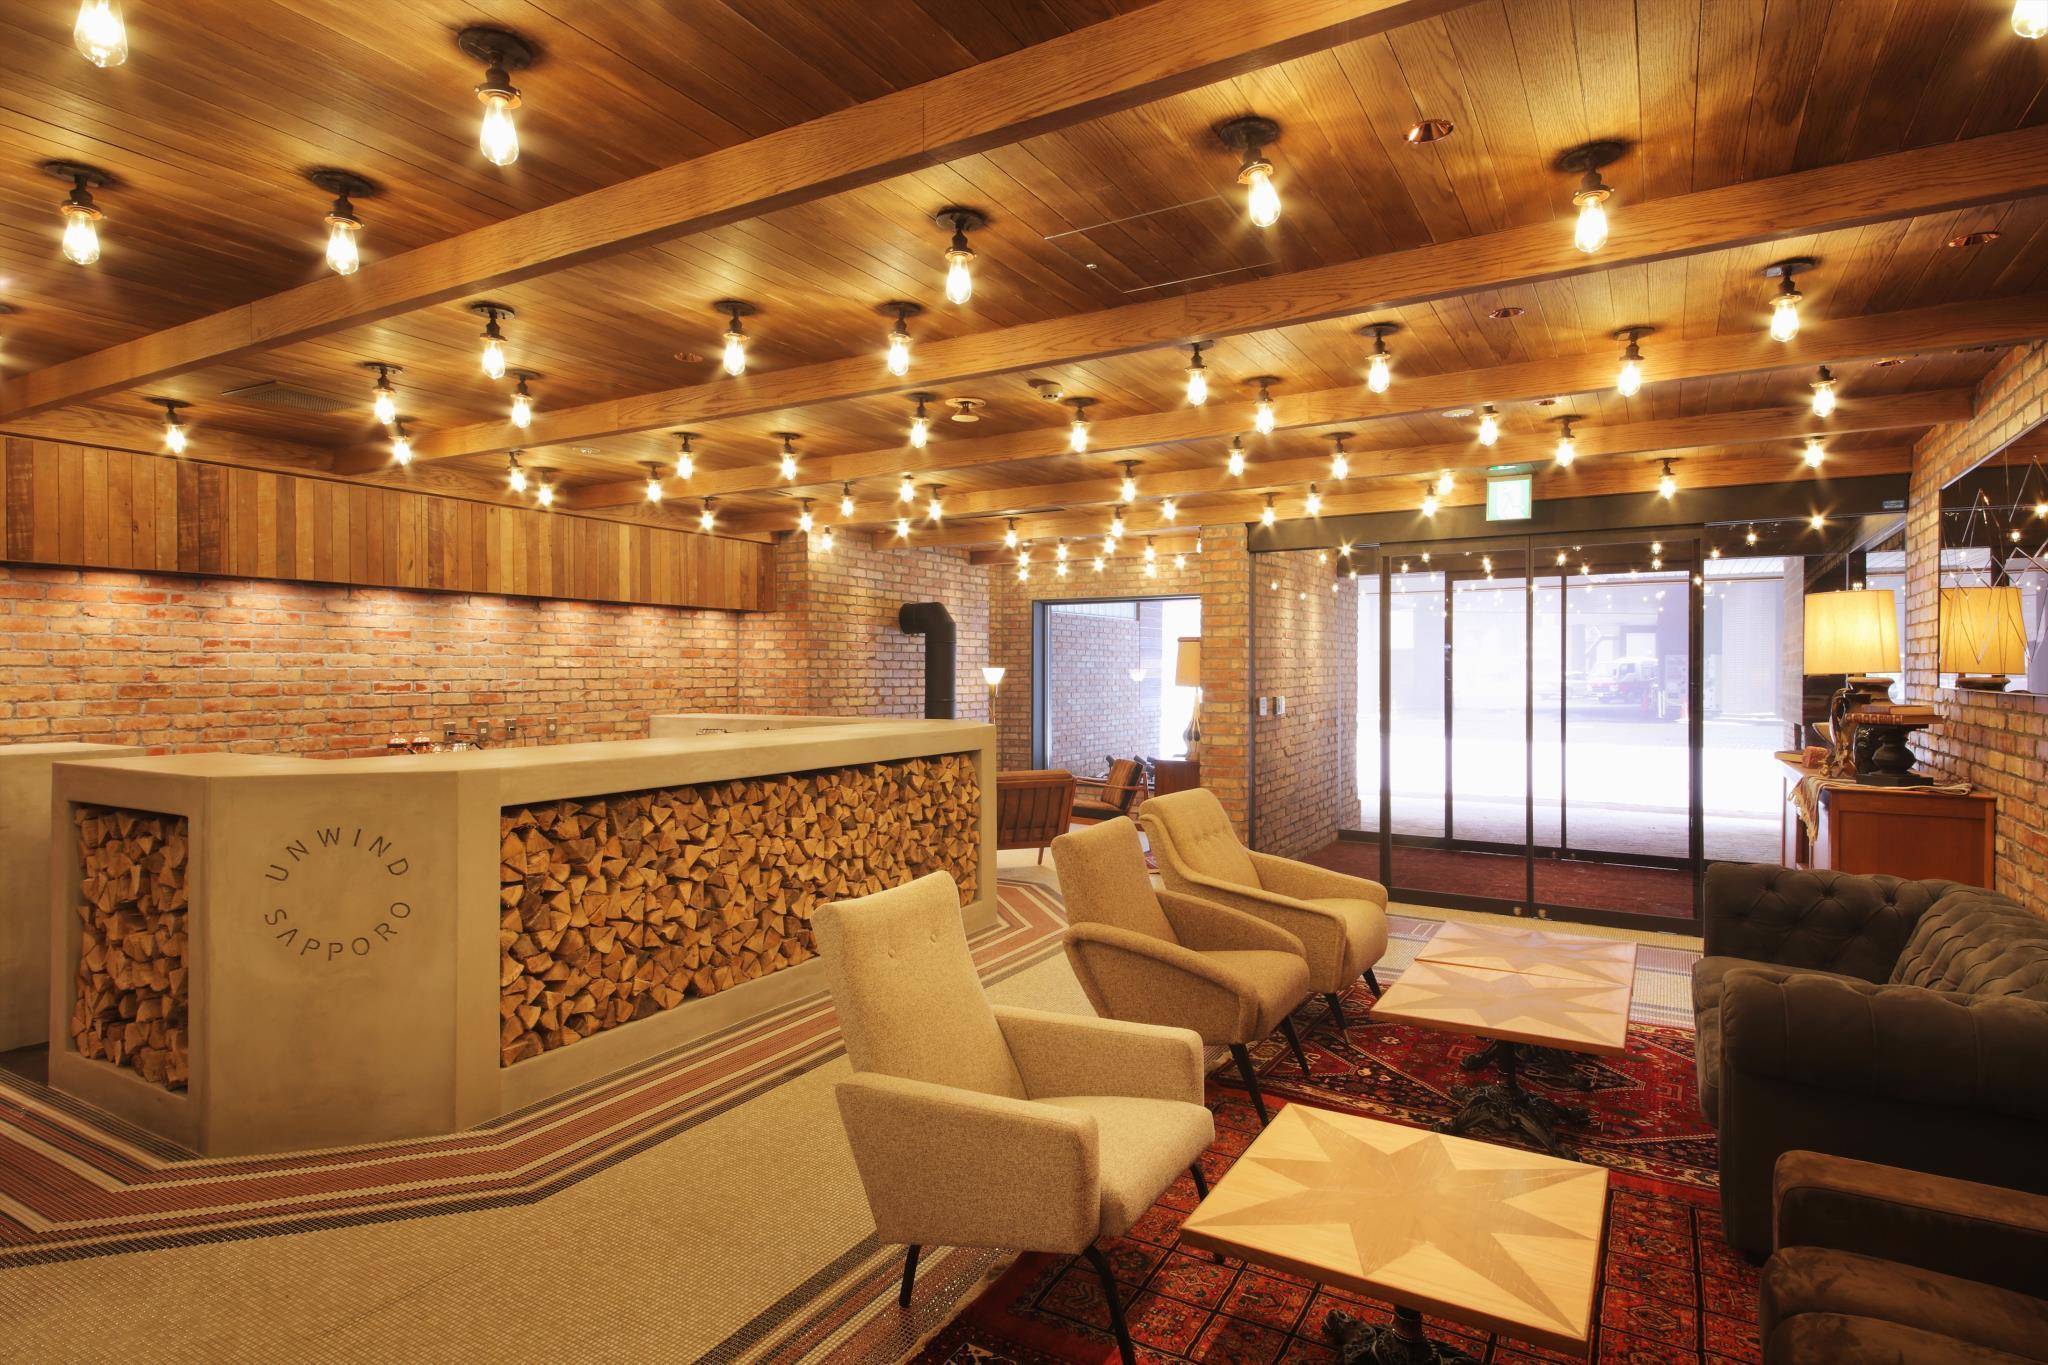 Unwind Hotel & Bar Sapporo